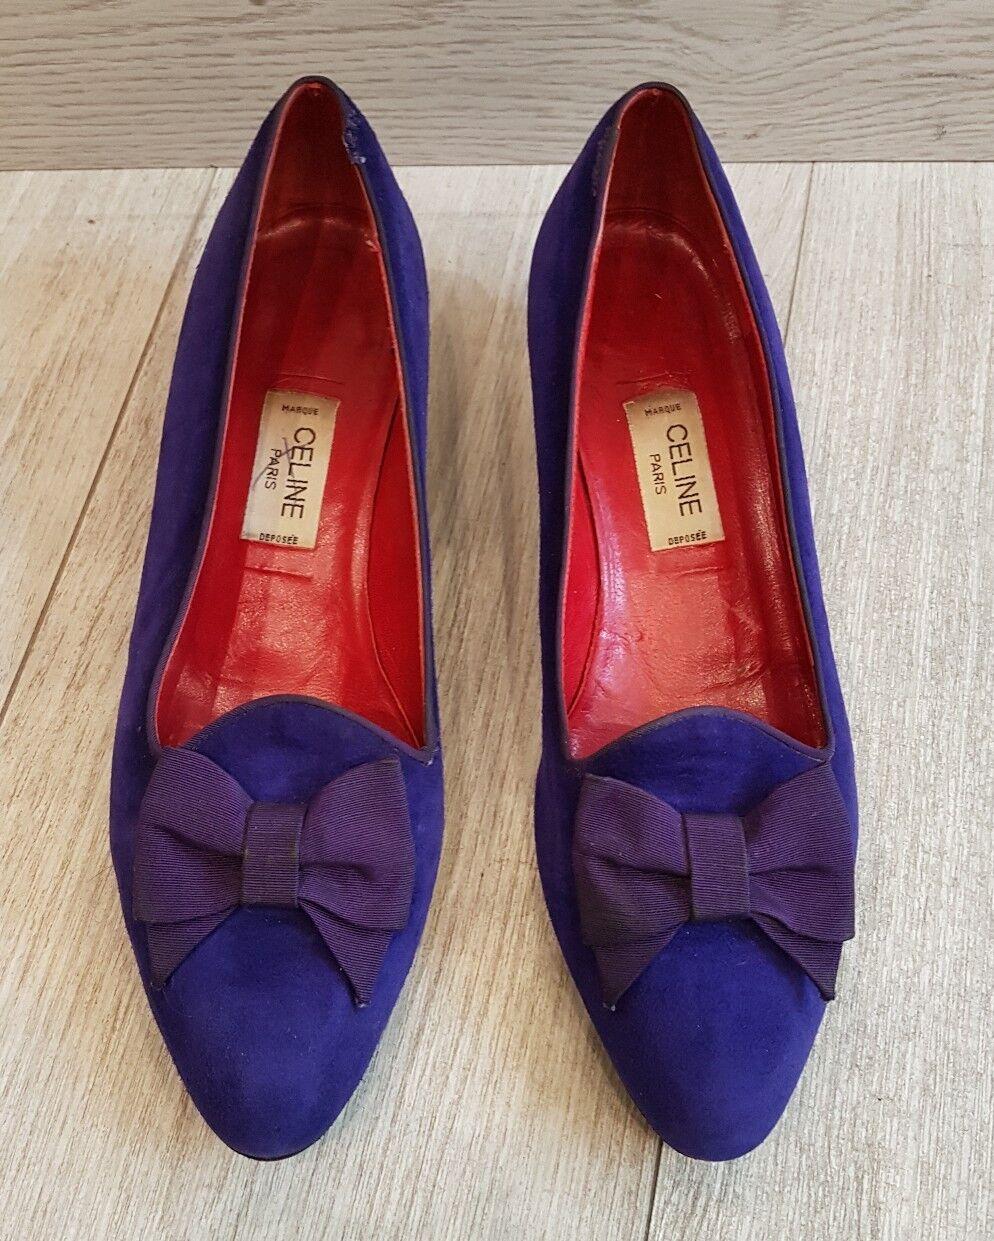 Vintage celine loafers-heel 3 cm size 38 celine shoes